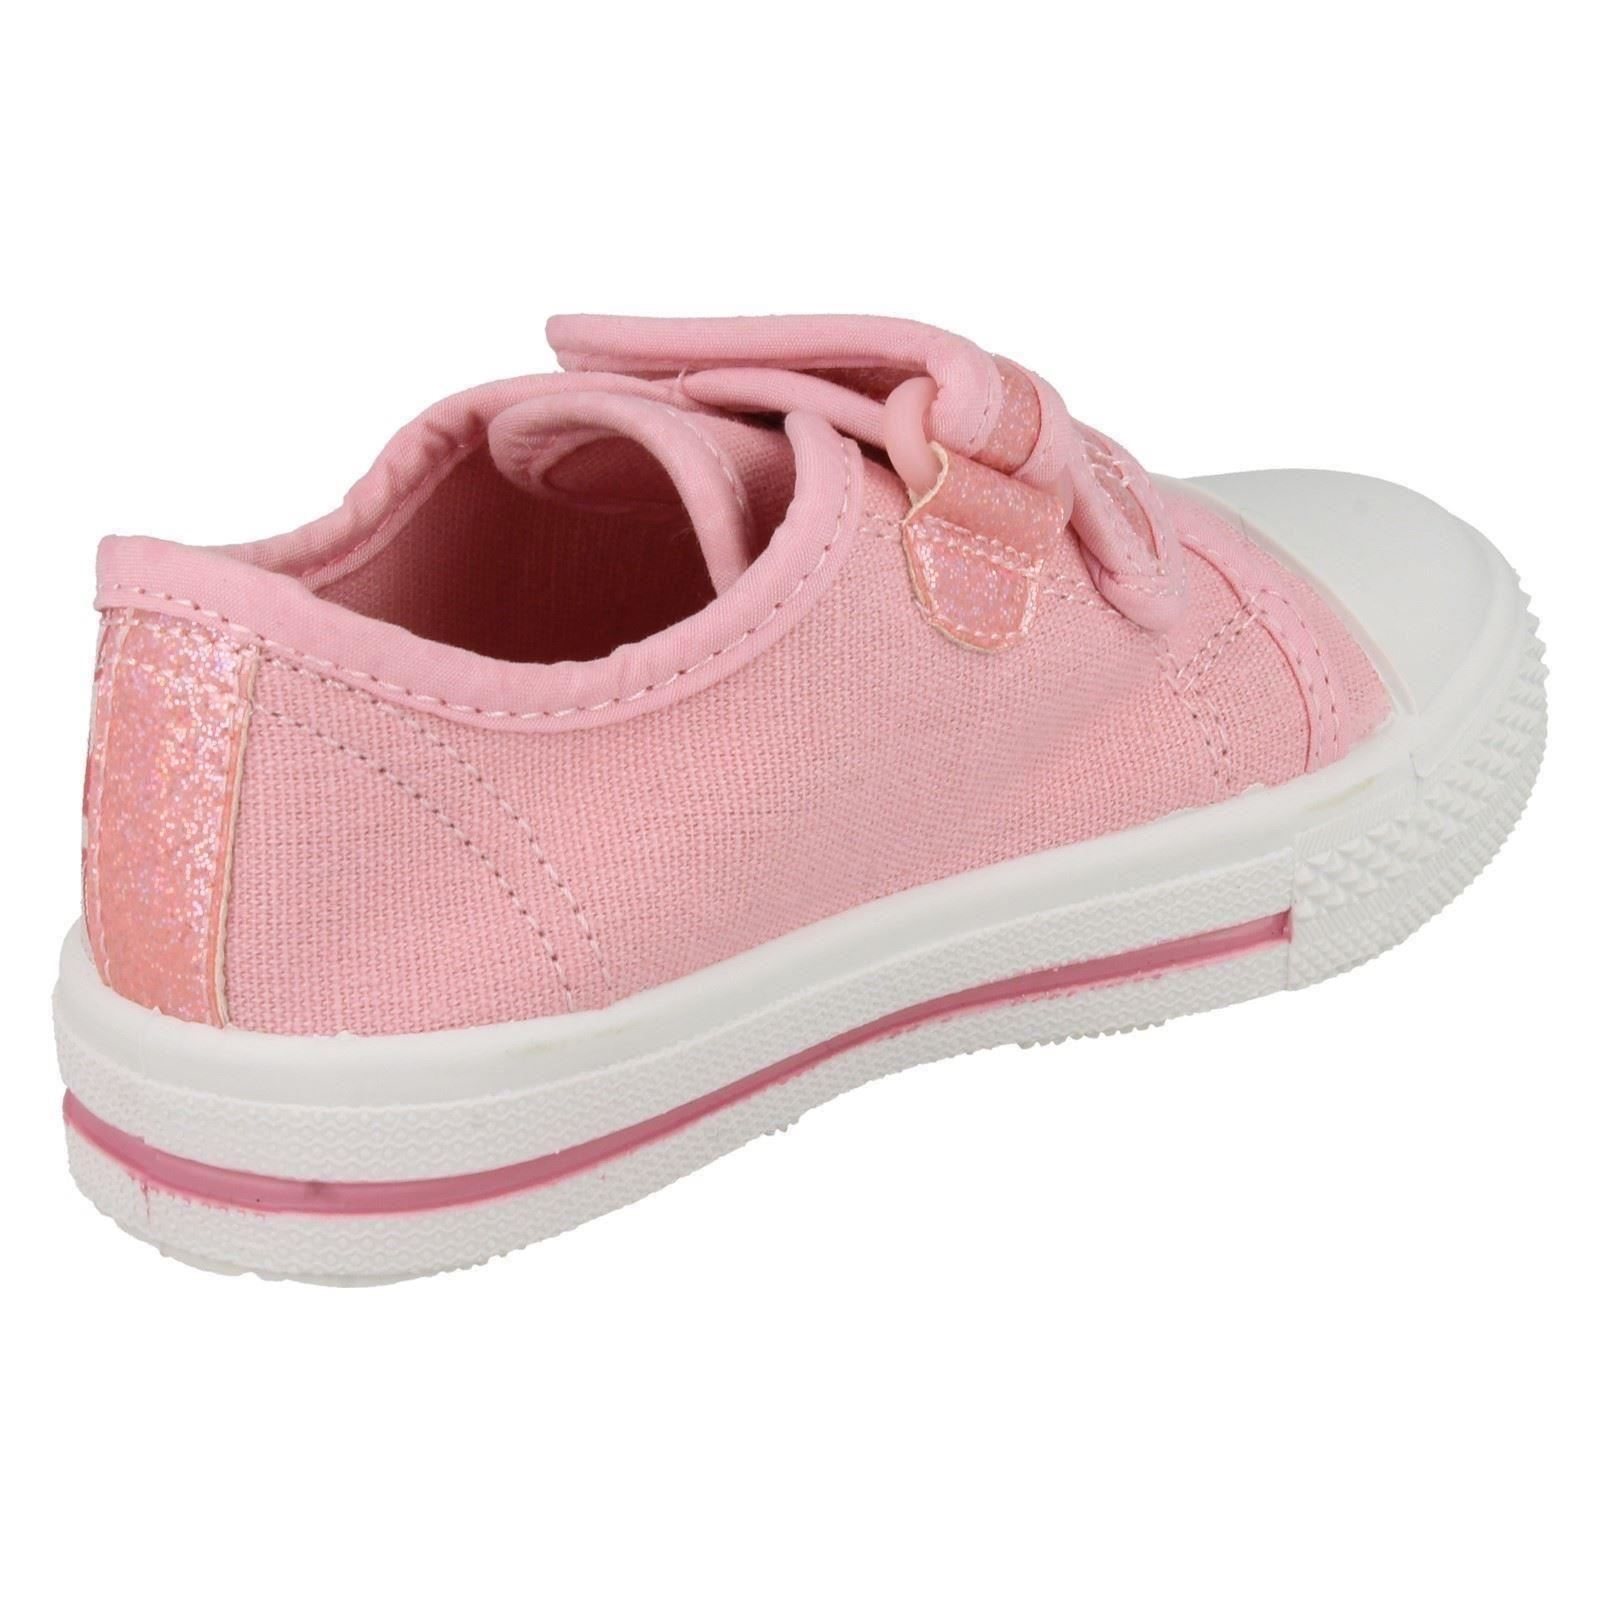 Niñas PRINCESA LONA Zapatos Estilo-Disneys